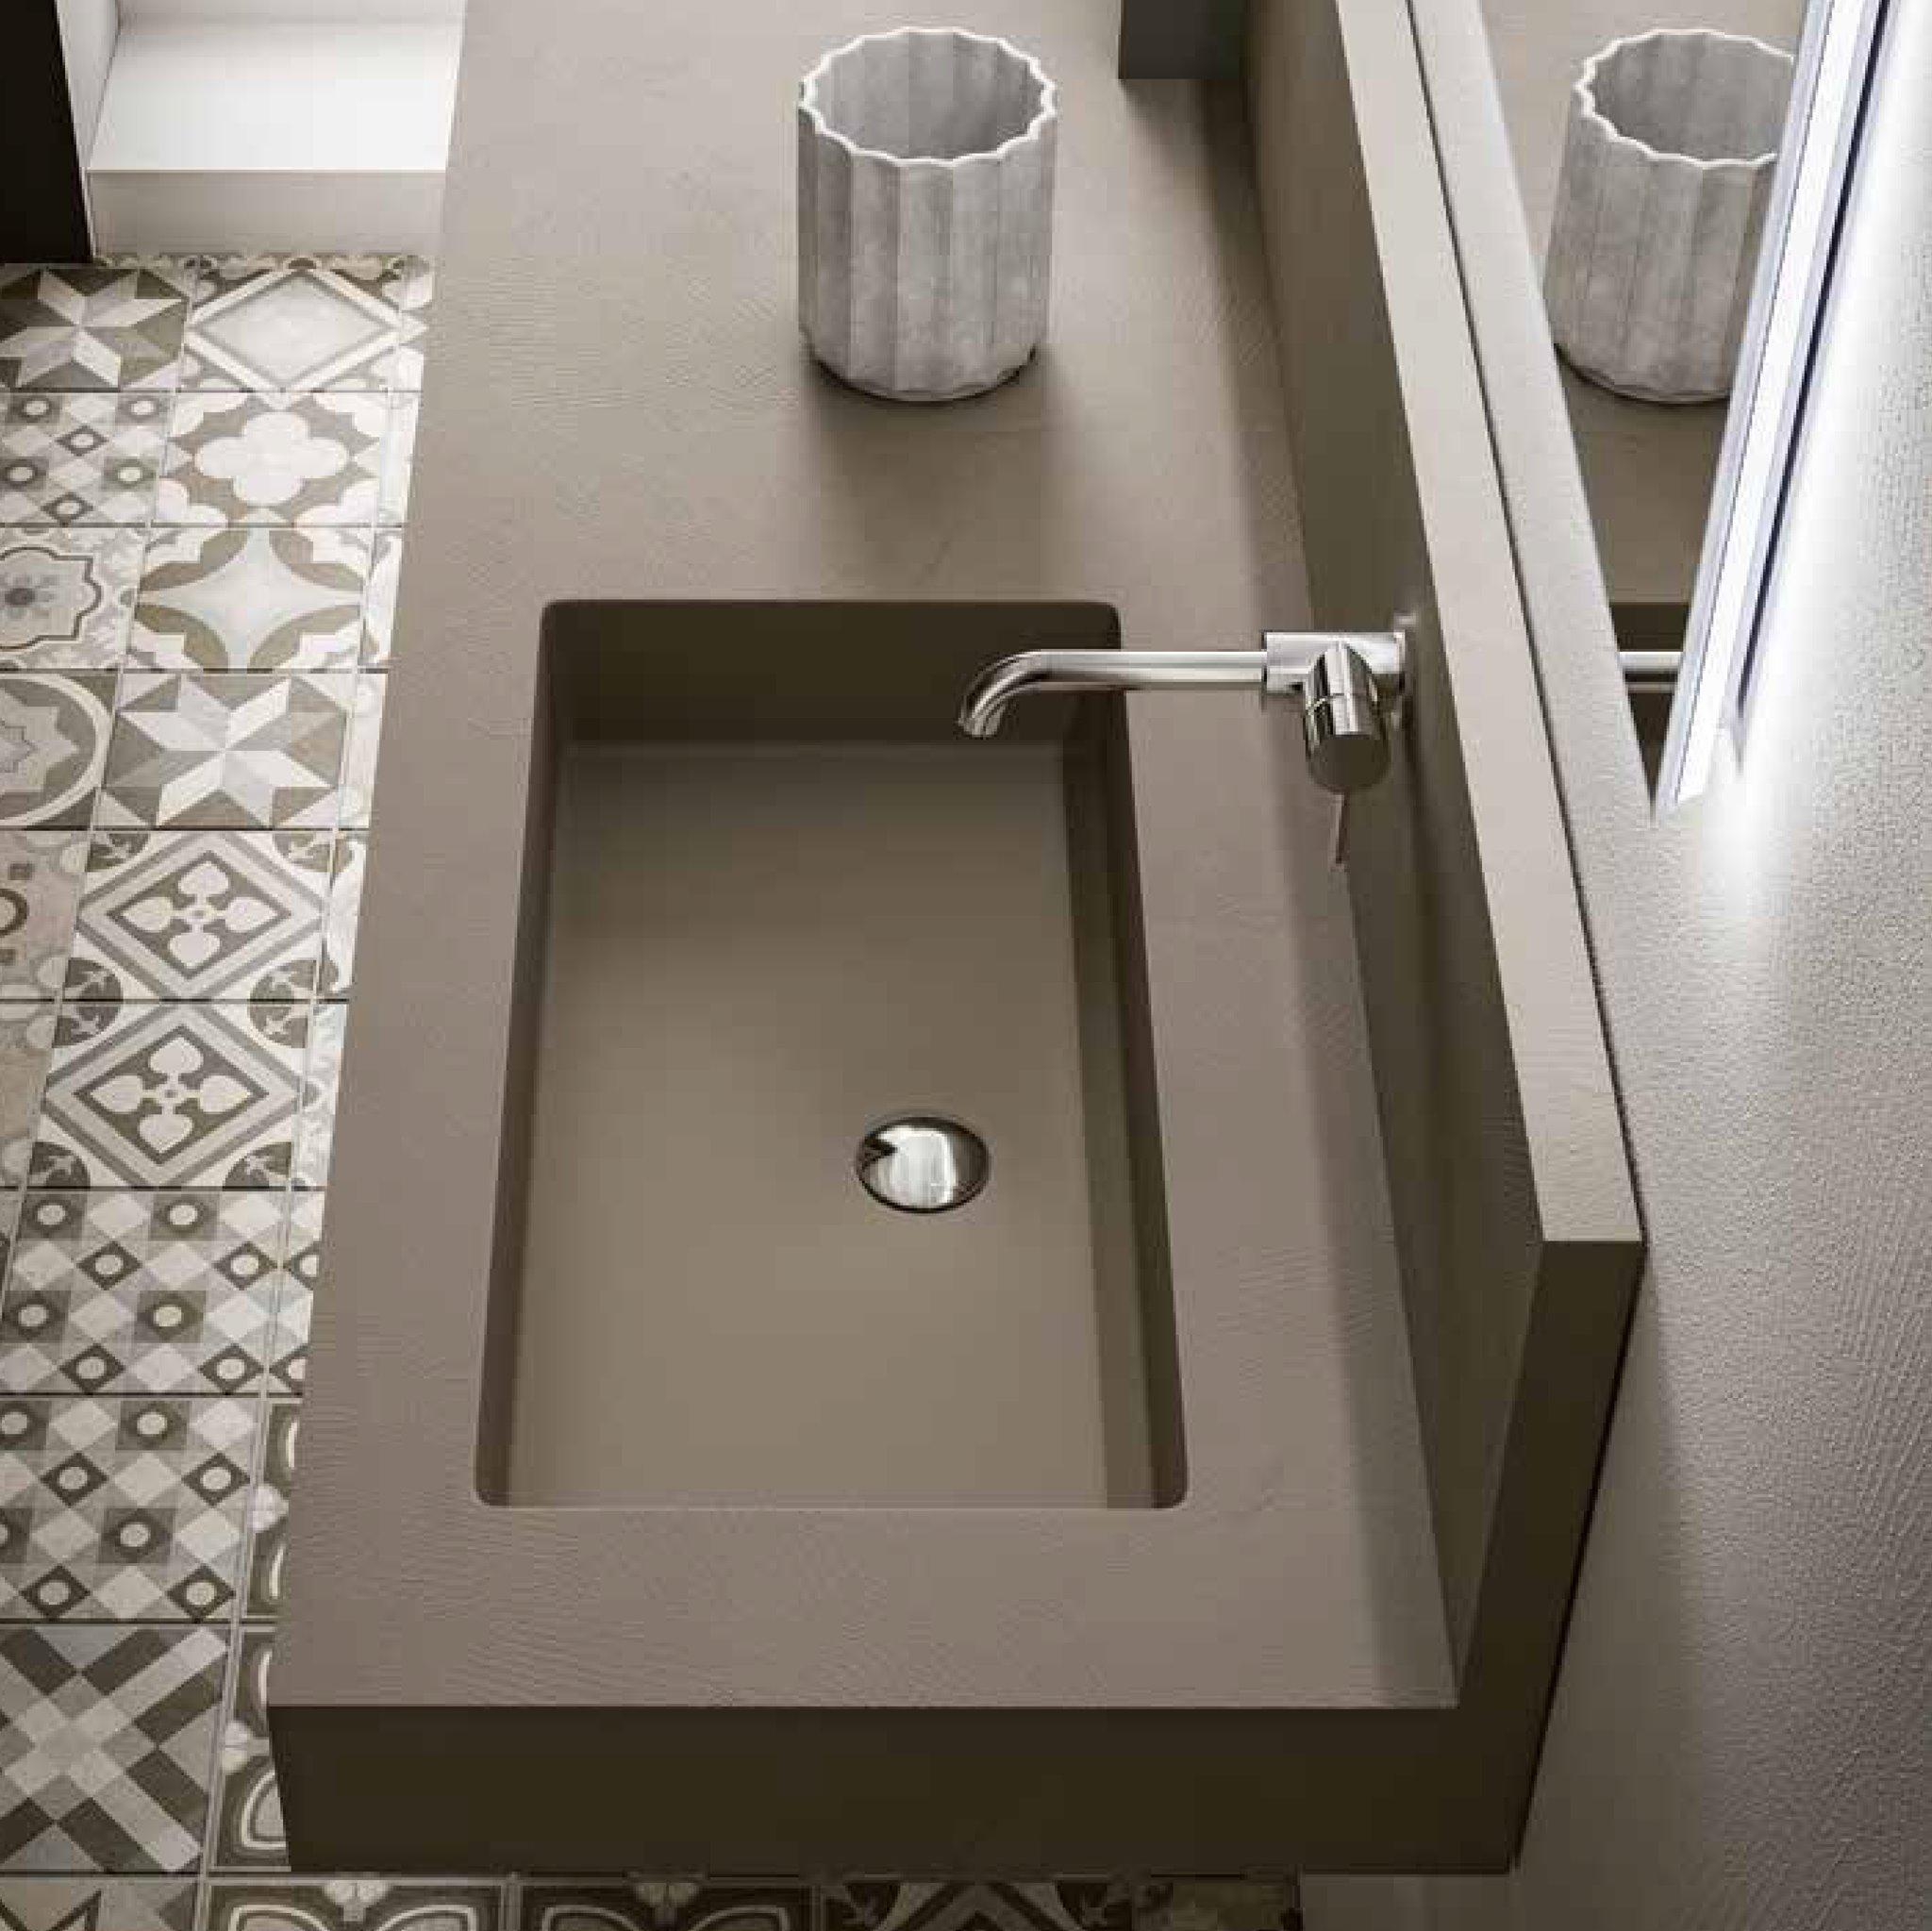 segno bagni mobili bagno ferrara vigarano vendita doccia box bondeno sanitari rubinetti rubinetteria